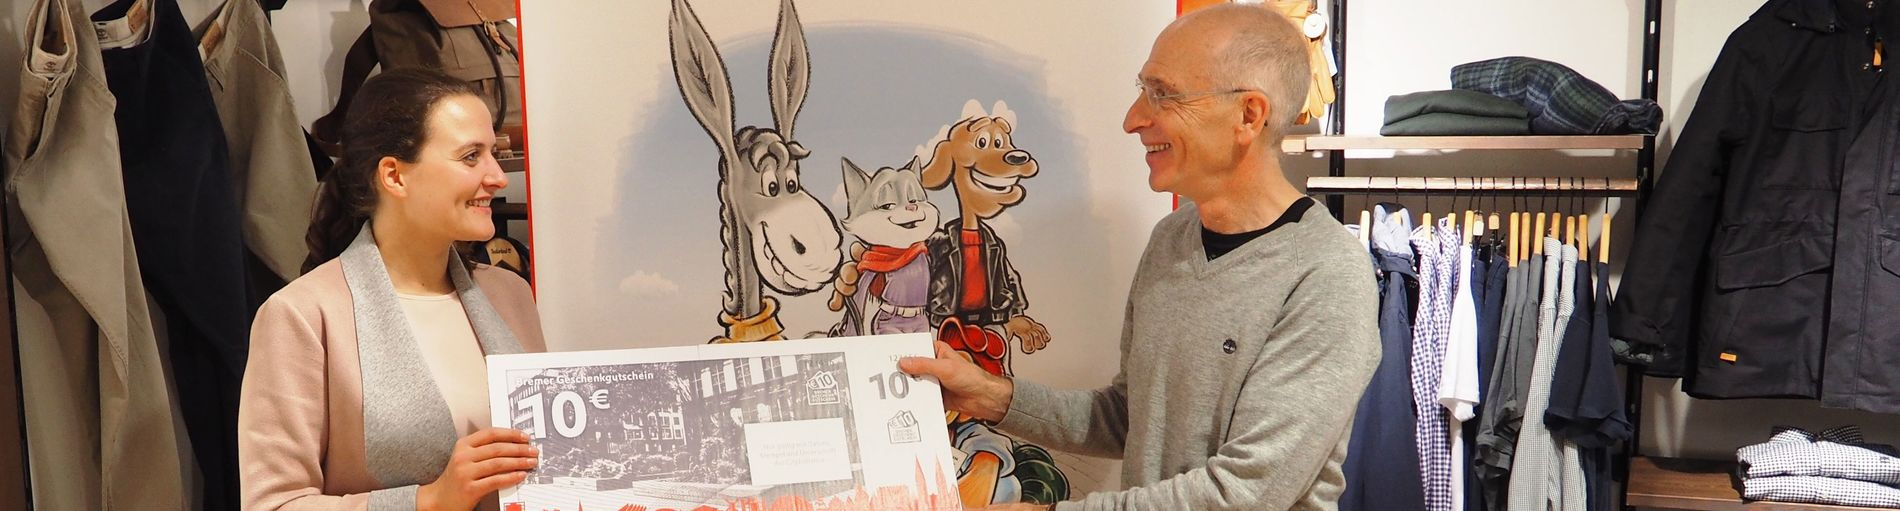 Links steht eine Frau und rechts ein Mann die zusammen einen Bremer Geschenkgutschein halten.